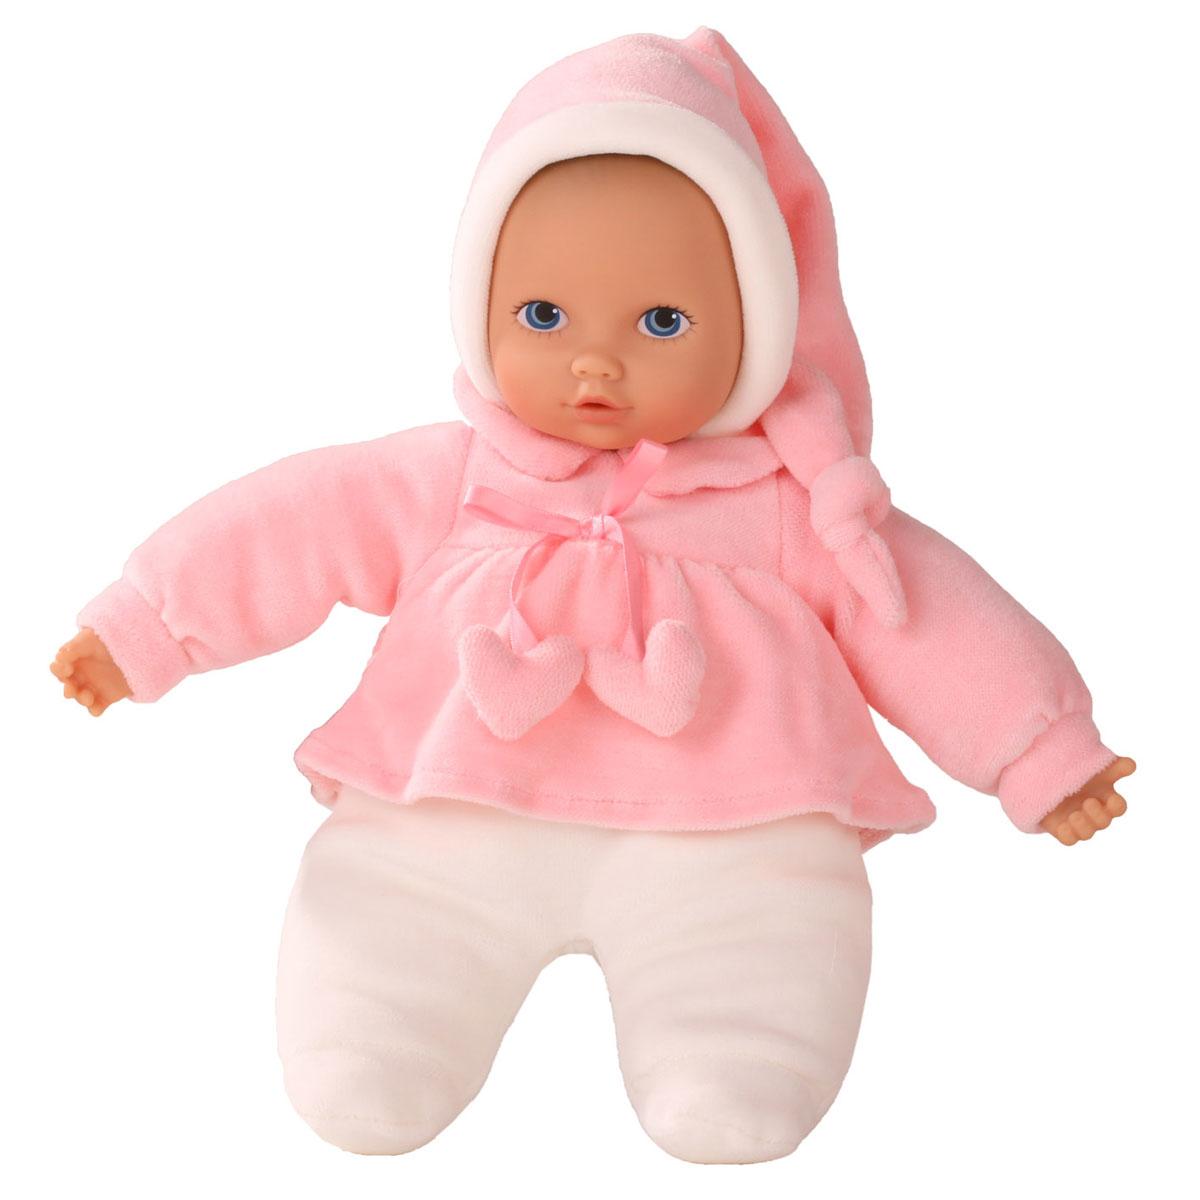 Gotz Пупс Baby Pure цвет белый розовый1391115Мягкий Пупс Baby Pure, немецкой фирмы Gotz понравится всем малышам, ведь с ним можно проводить много времени вместе, укладывать спать и брать с собой на прогулку. Кукла Baby Pure с мягким телом одета в костюмчик для сна. На малыше мягкий флисовый костюм розового цвета с милым бантиком и розовая шапочка. Наряд куколки плотно соединен с тельцем, а потому можно не бояться, что малыш нечаянно снимет одежду в процессе игры. Пупс не имеет волос, голова, руки и ноги выполнены из винила. Малыш имеет очаровательные черты лица: маленький рот и носик, широко раскрытые глазки с нарисованными ресницами. Кукла полностью безопасна и гипоаллергенна, поэтому подходит малышам с самого рождения.